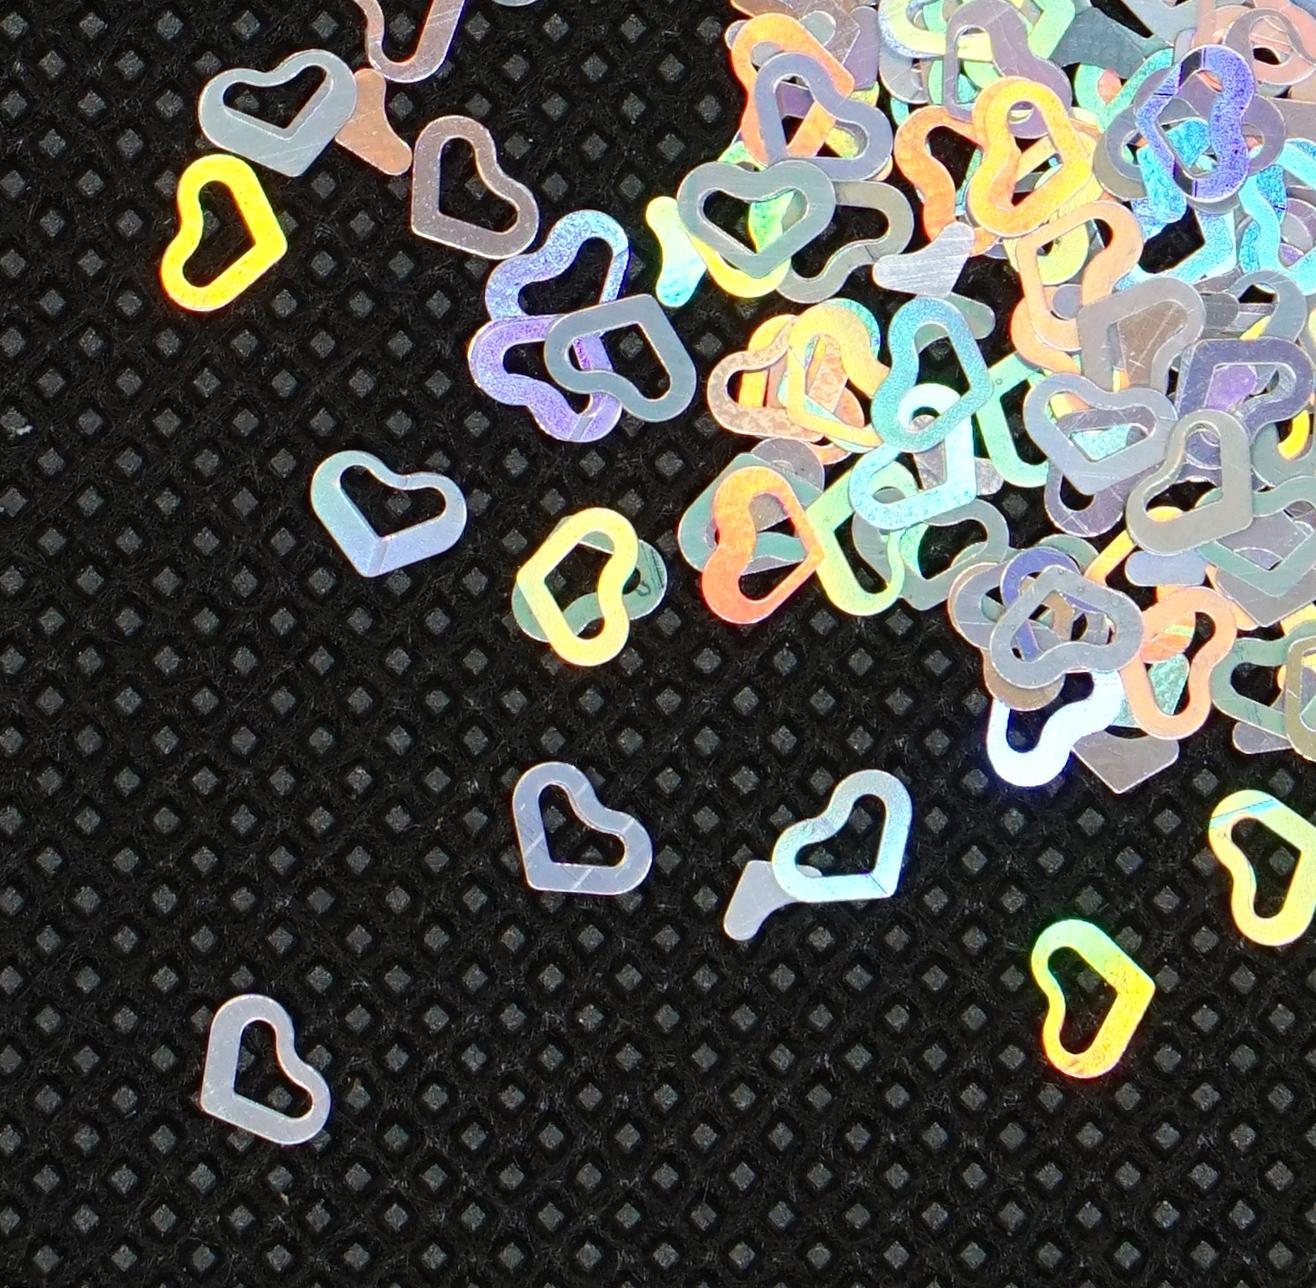 Mua 5g Kim Tuyến trang trí nghệ thuật (mã Khung trái tim)